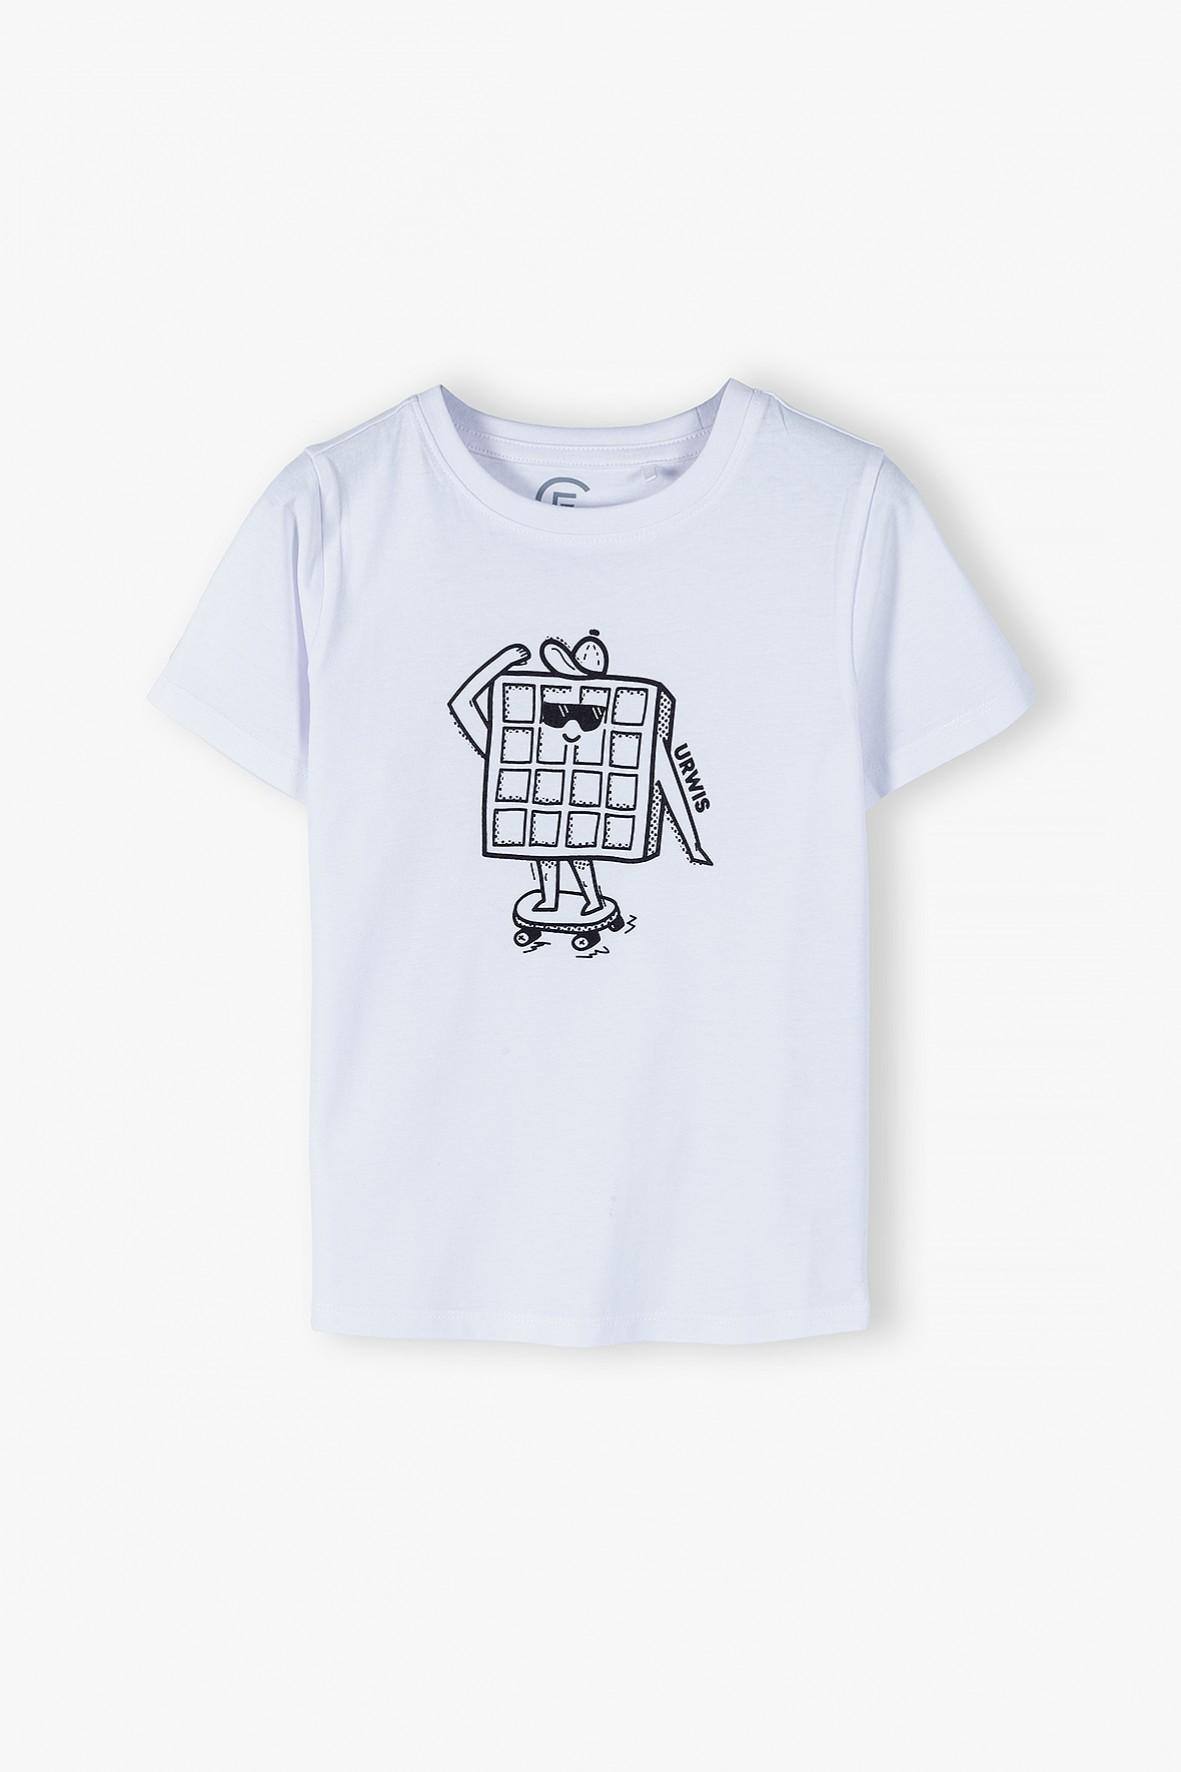 T-shirt chłopięcy z napisem Urwis